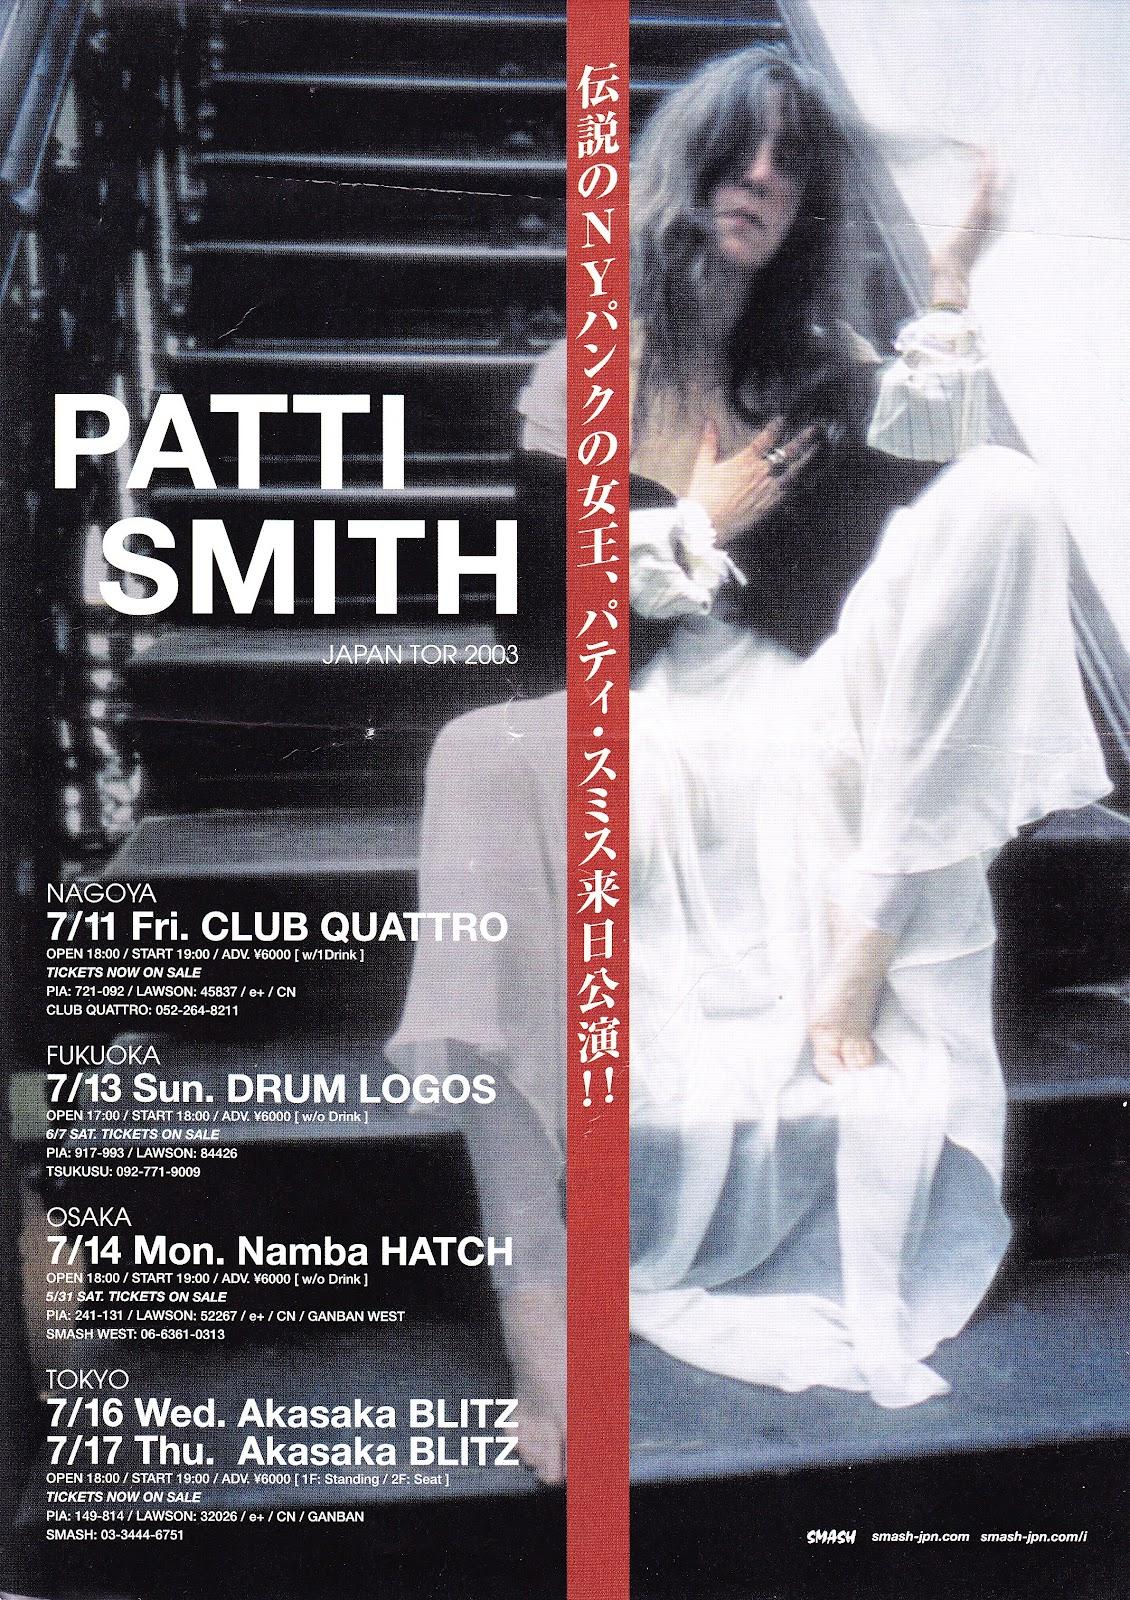 http://2.bp.blogspot.com/-iF3Ftdrt7lc/T-CSXuEmEFI/AAAAAAAAAnI/xV_ea7rO82E/s1600/Patti+Smith+Flyer+Japan+July+2003.jpg